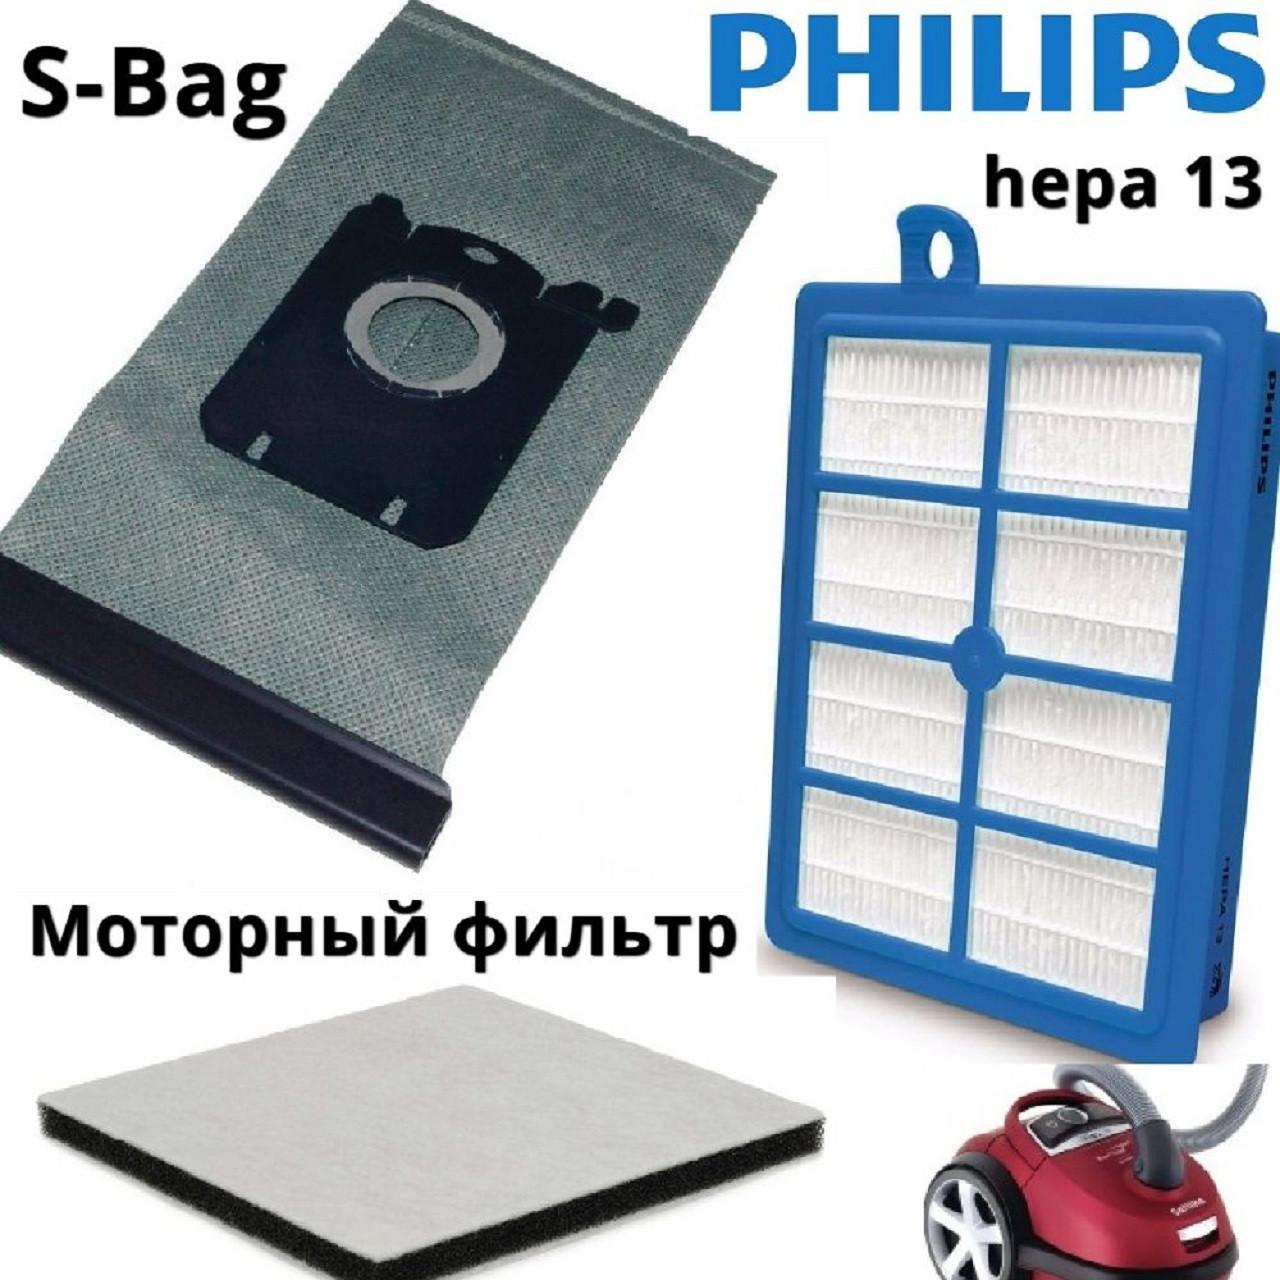 Набор Philips FC многоразовый тканевый мешок S-bag, внутренний для мотора пылесоса и выходной hepa 13 фильтр